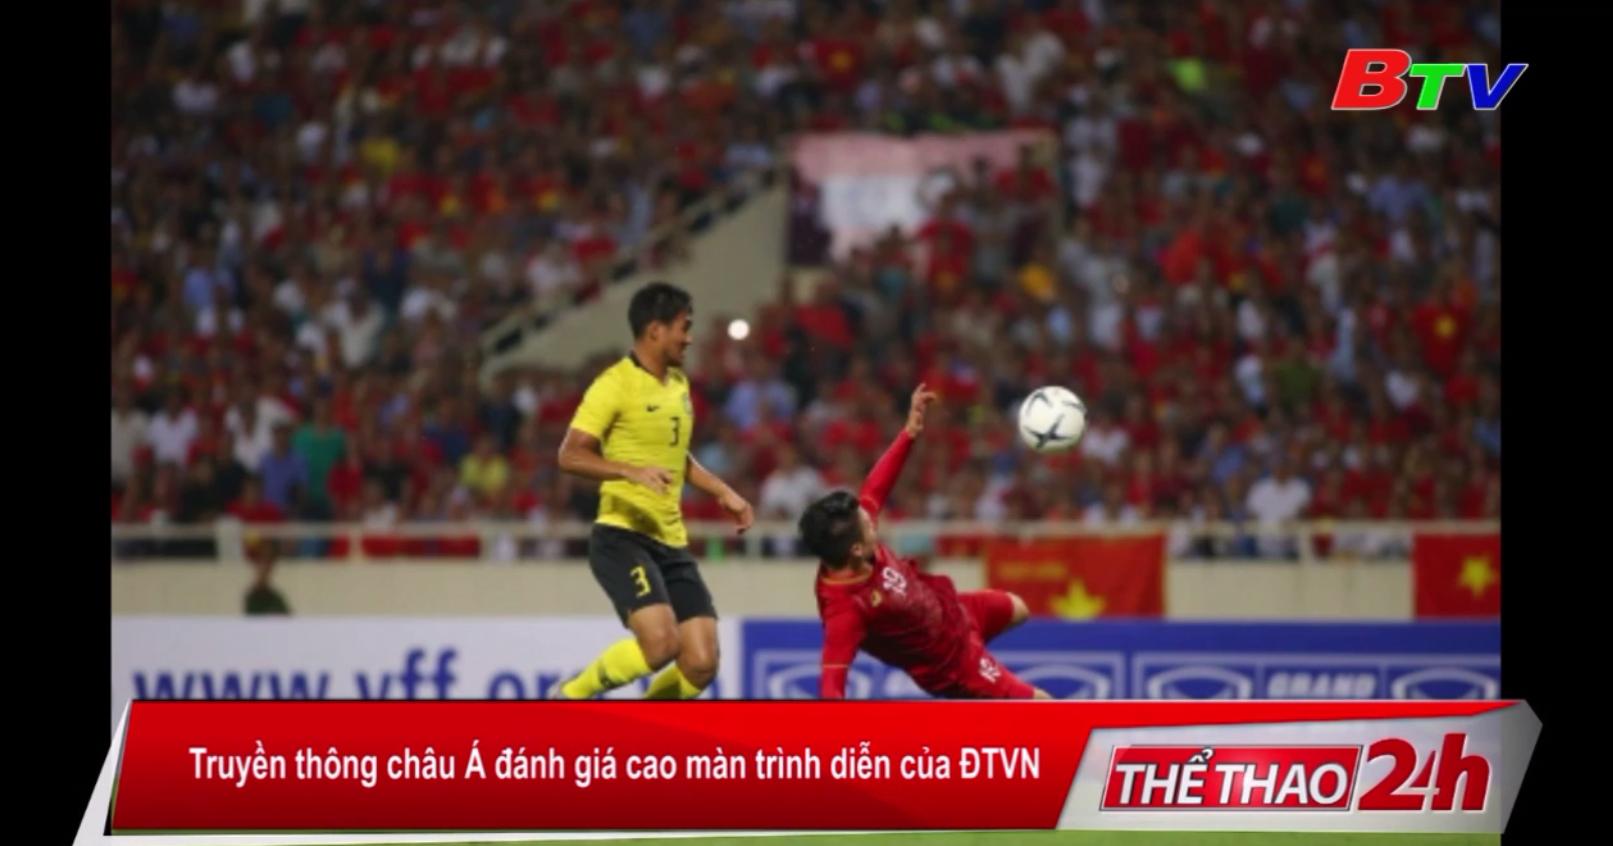 Truyền thông châu Á đánh giá cao màn trình diễn của ĐTVN